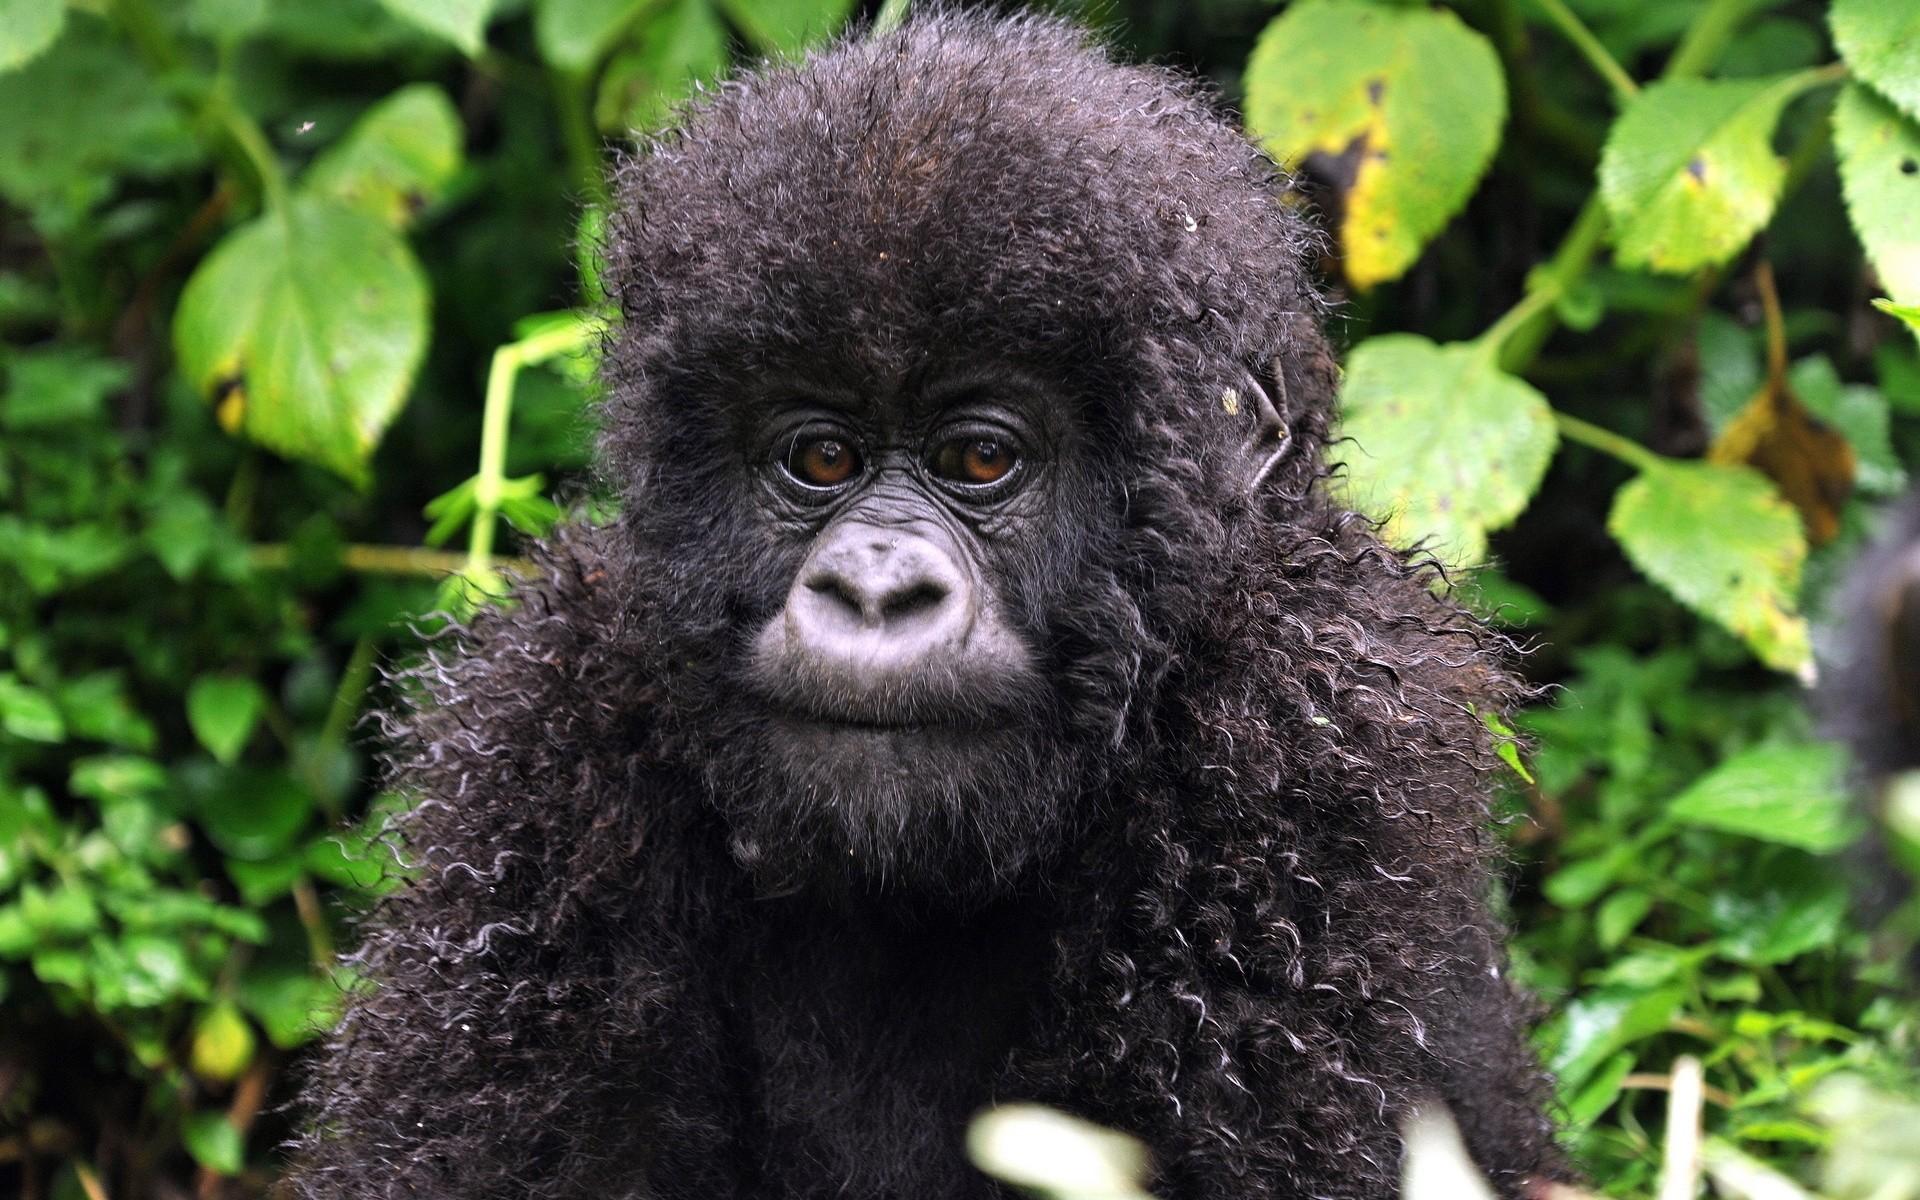 Wallpaper curls, monkey, baby, leaves